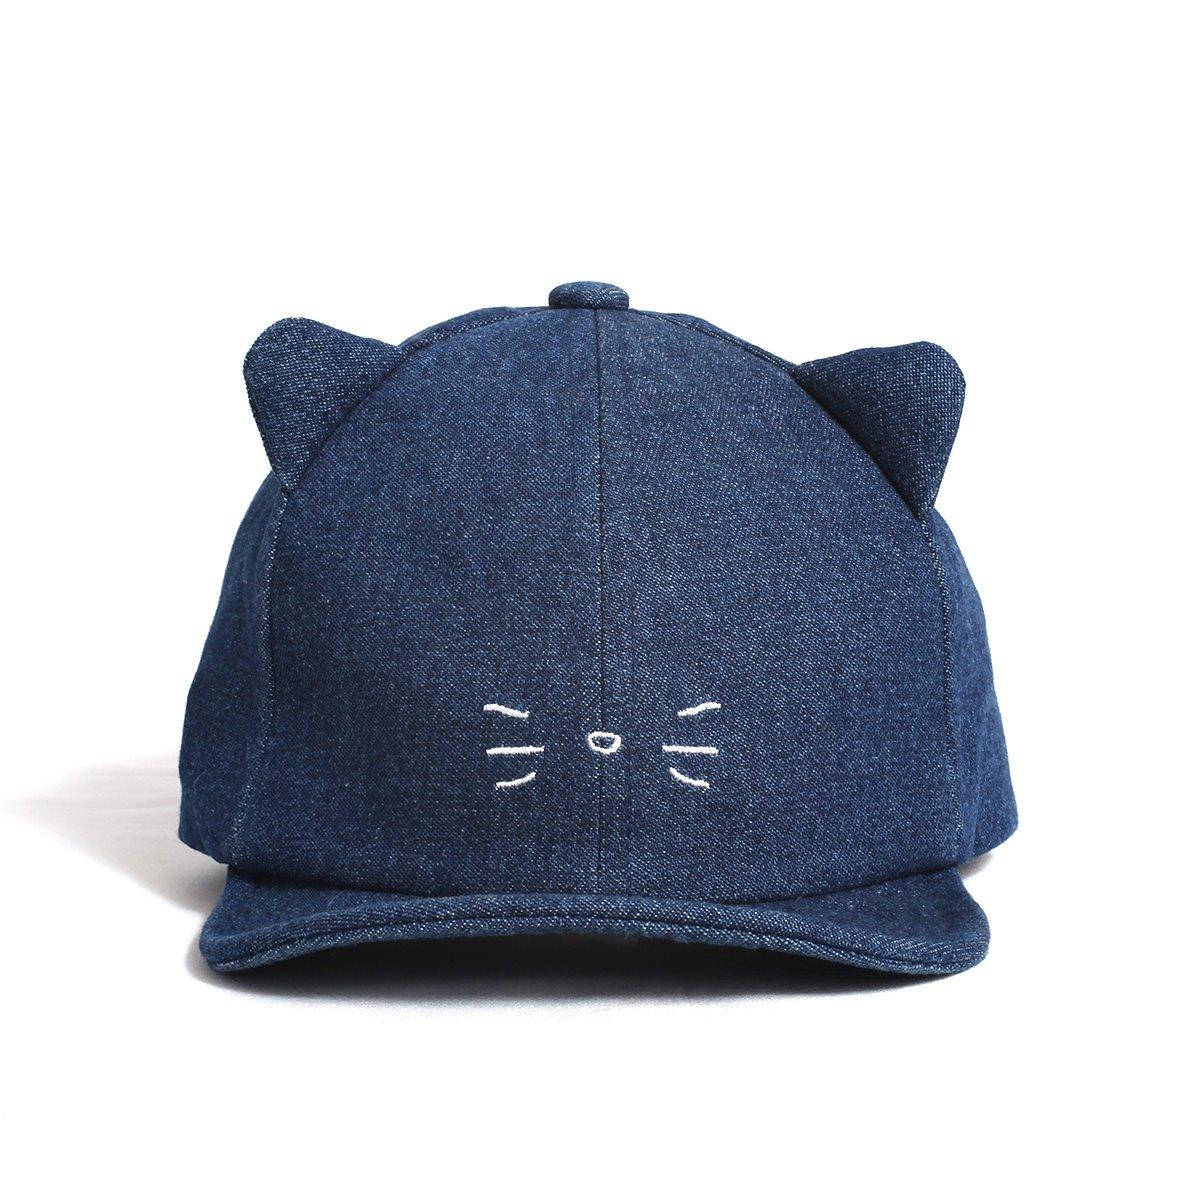 【BABY】Cat Ear Cap 詳細画像4